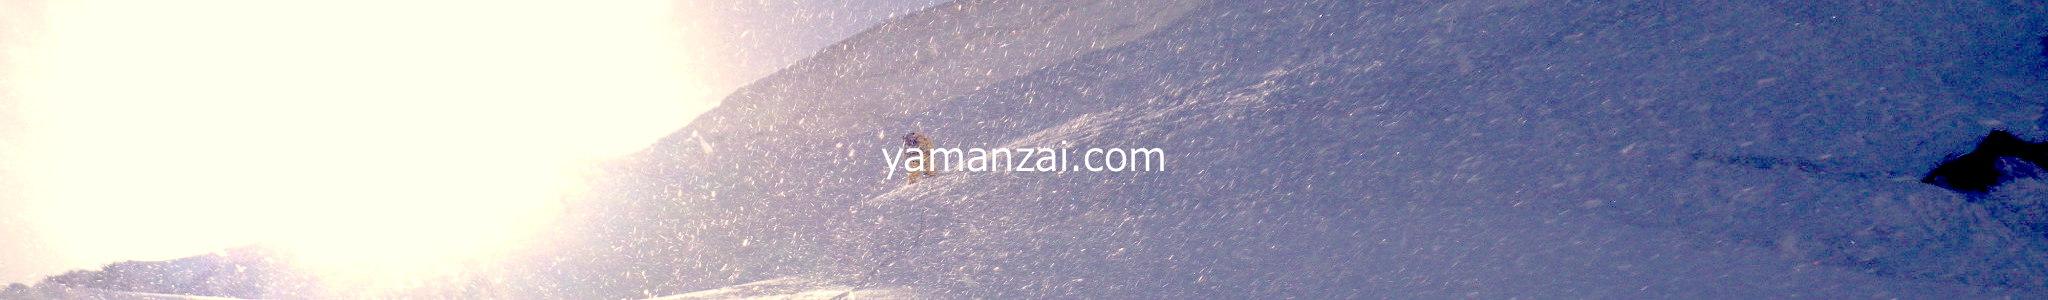 ヤマンザイ